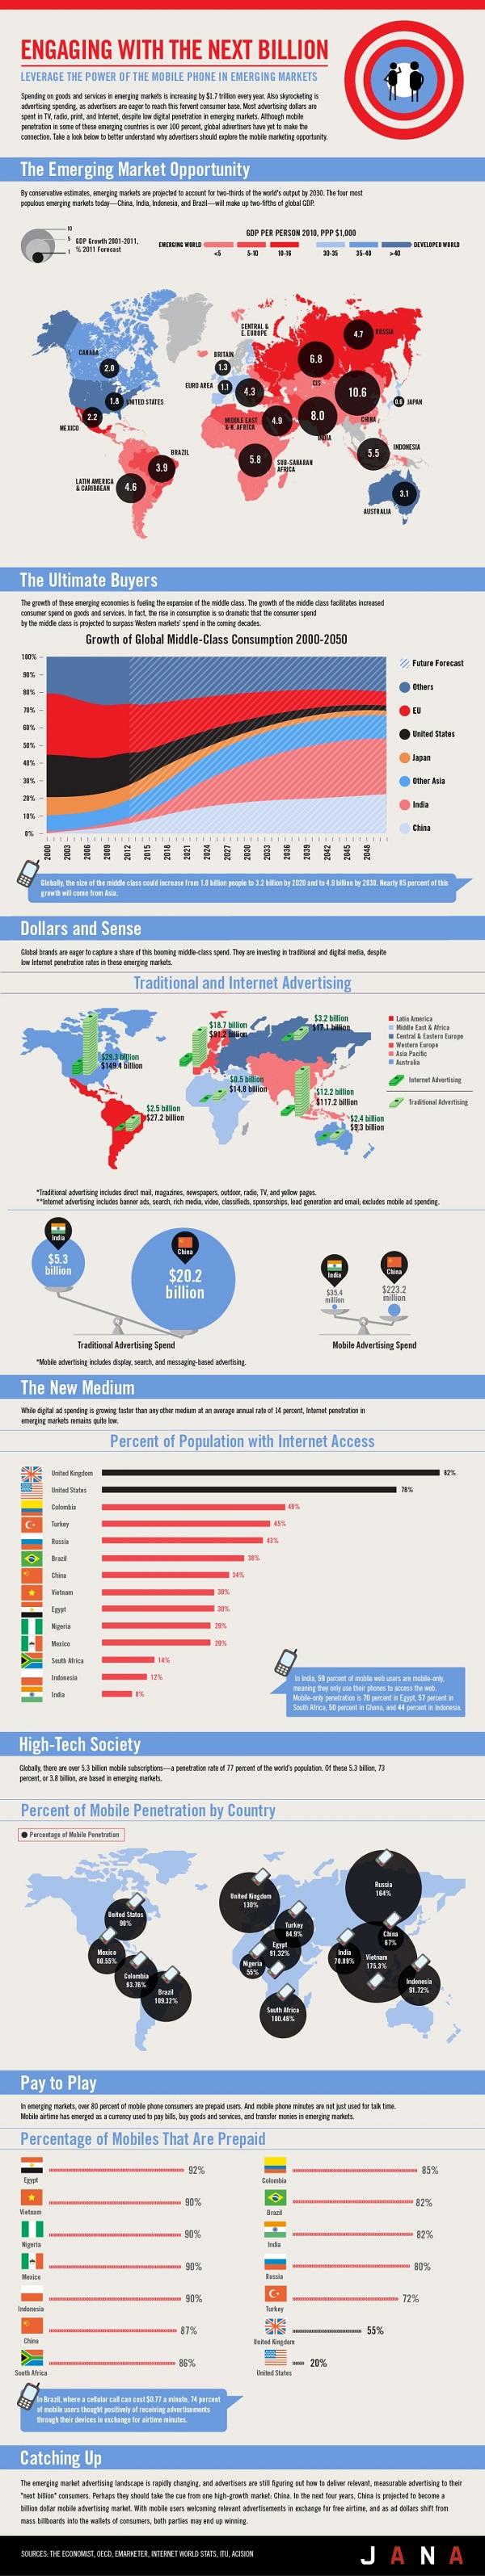 ทำไม Mobile Ads จึงเป็นอนาคตของตลาด Emerging Market? [INFOGRAPHIC]